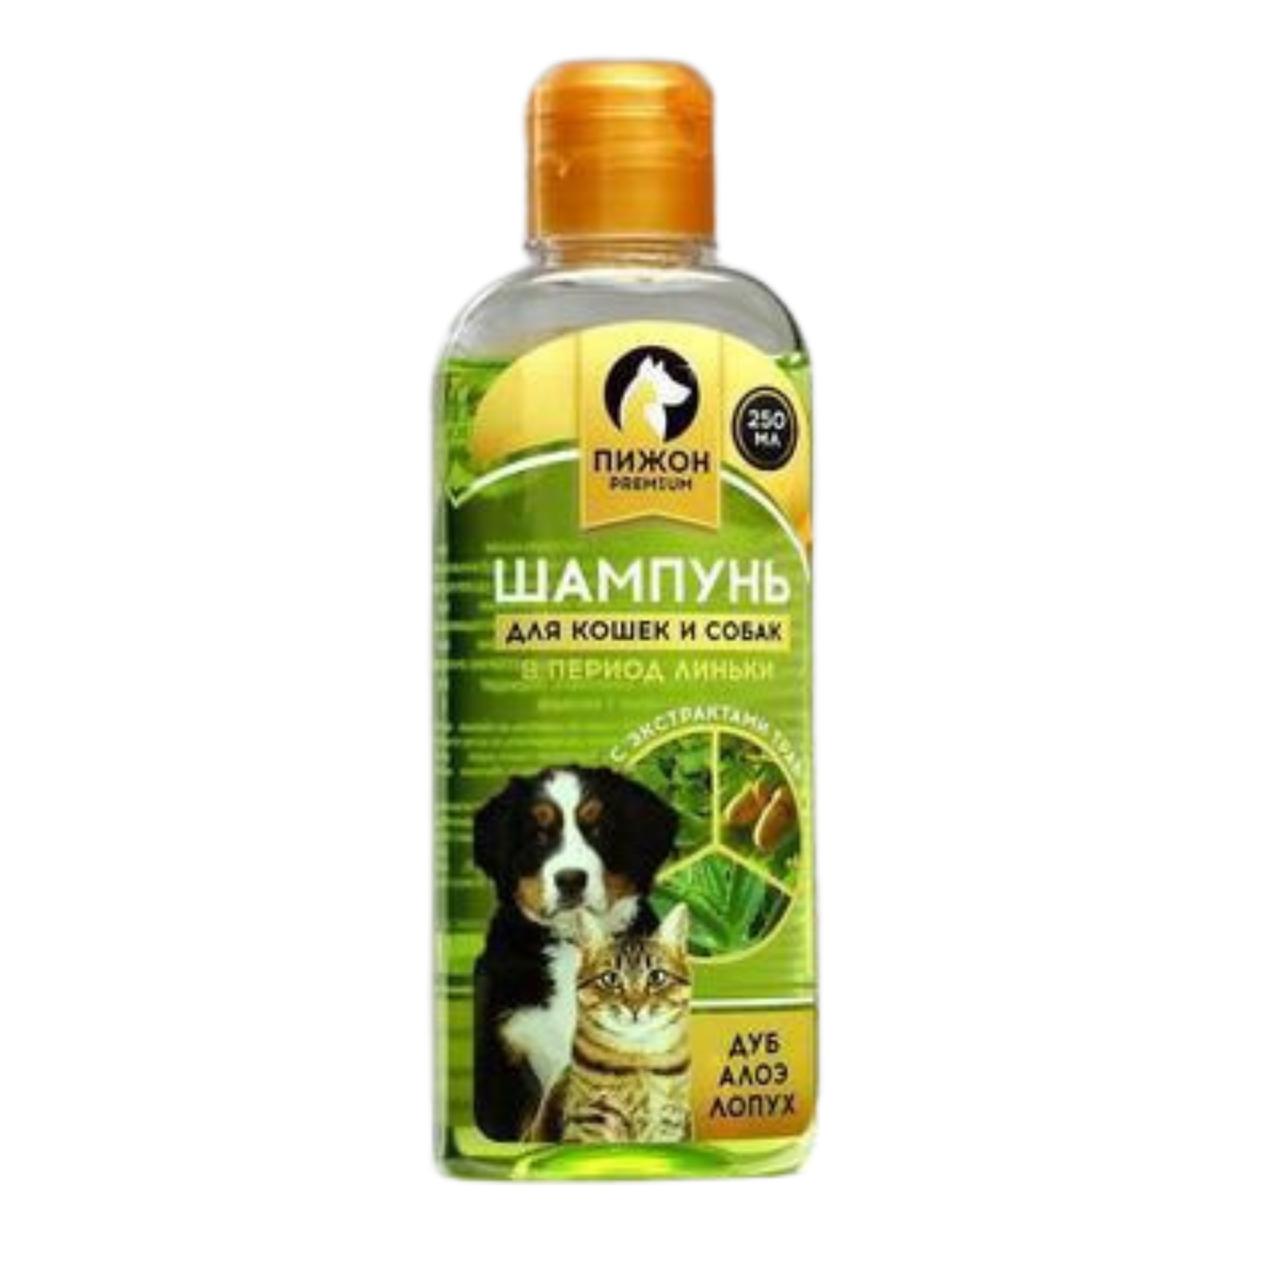 Шампунь в период линьки с экстрактами трав, для собак и кошек Пижон Premium, 250мл